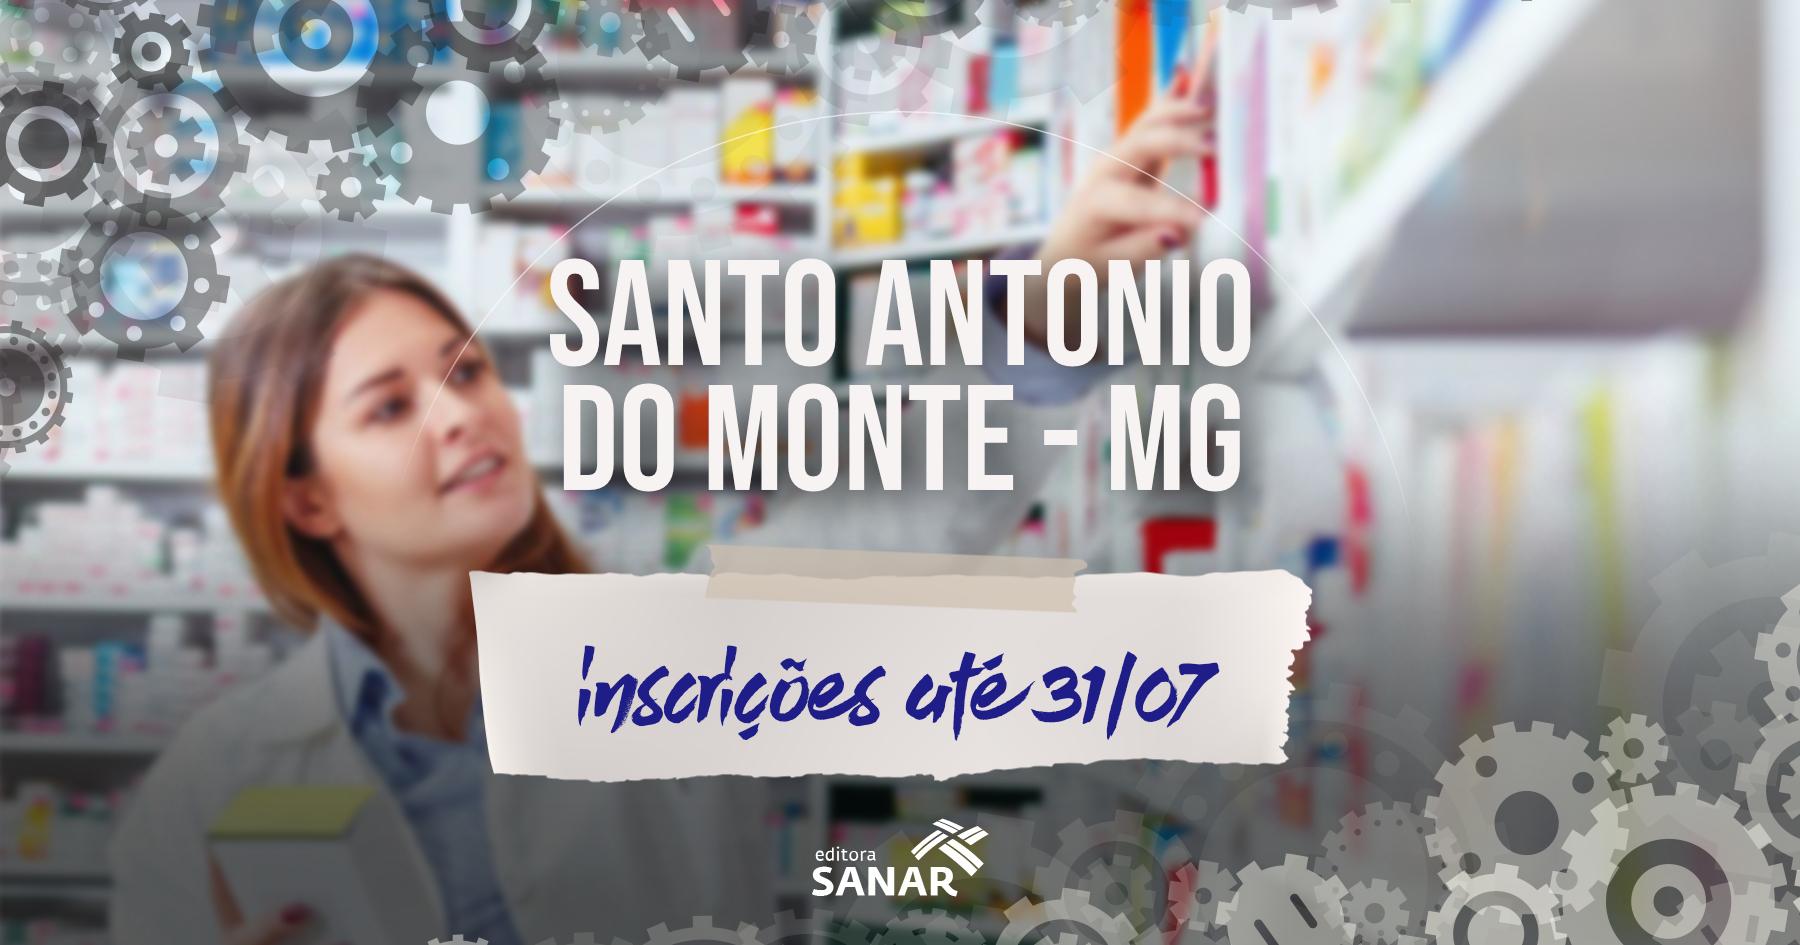 Seleção | Cidade mineira contrata Farmacêutico